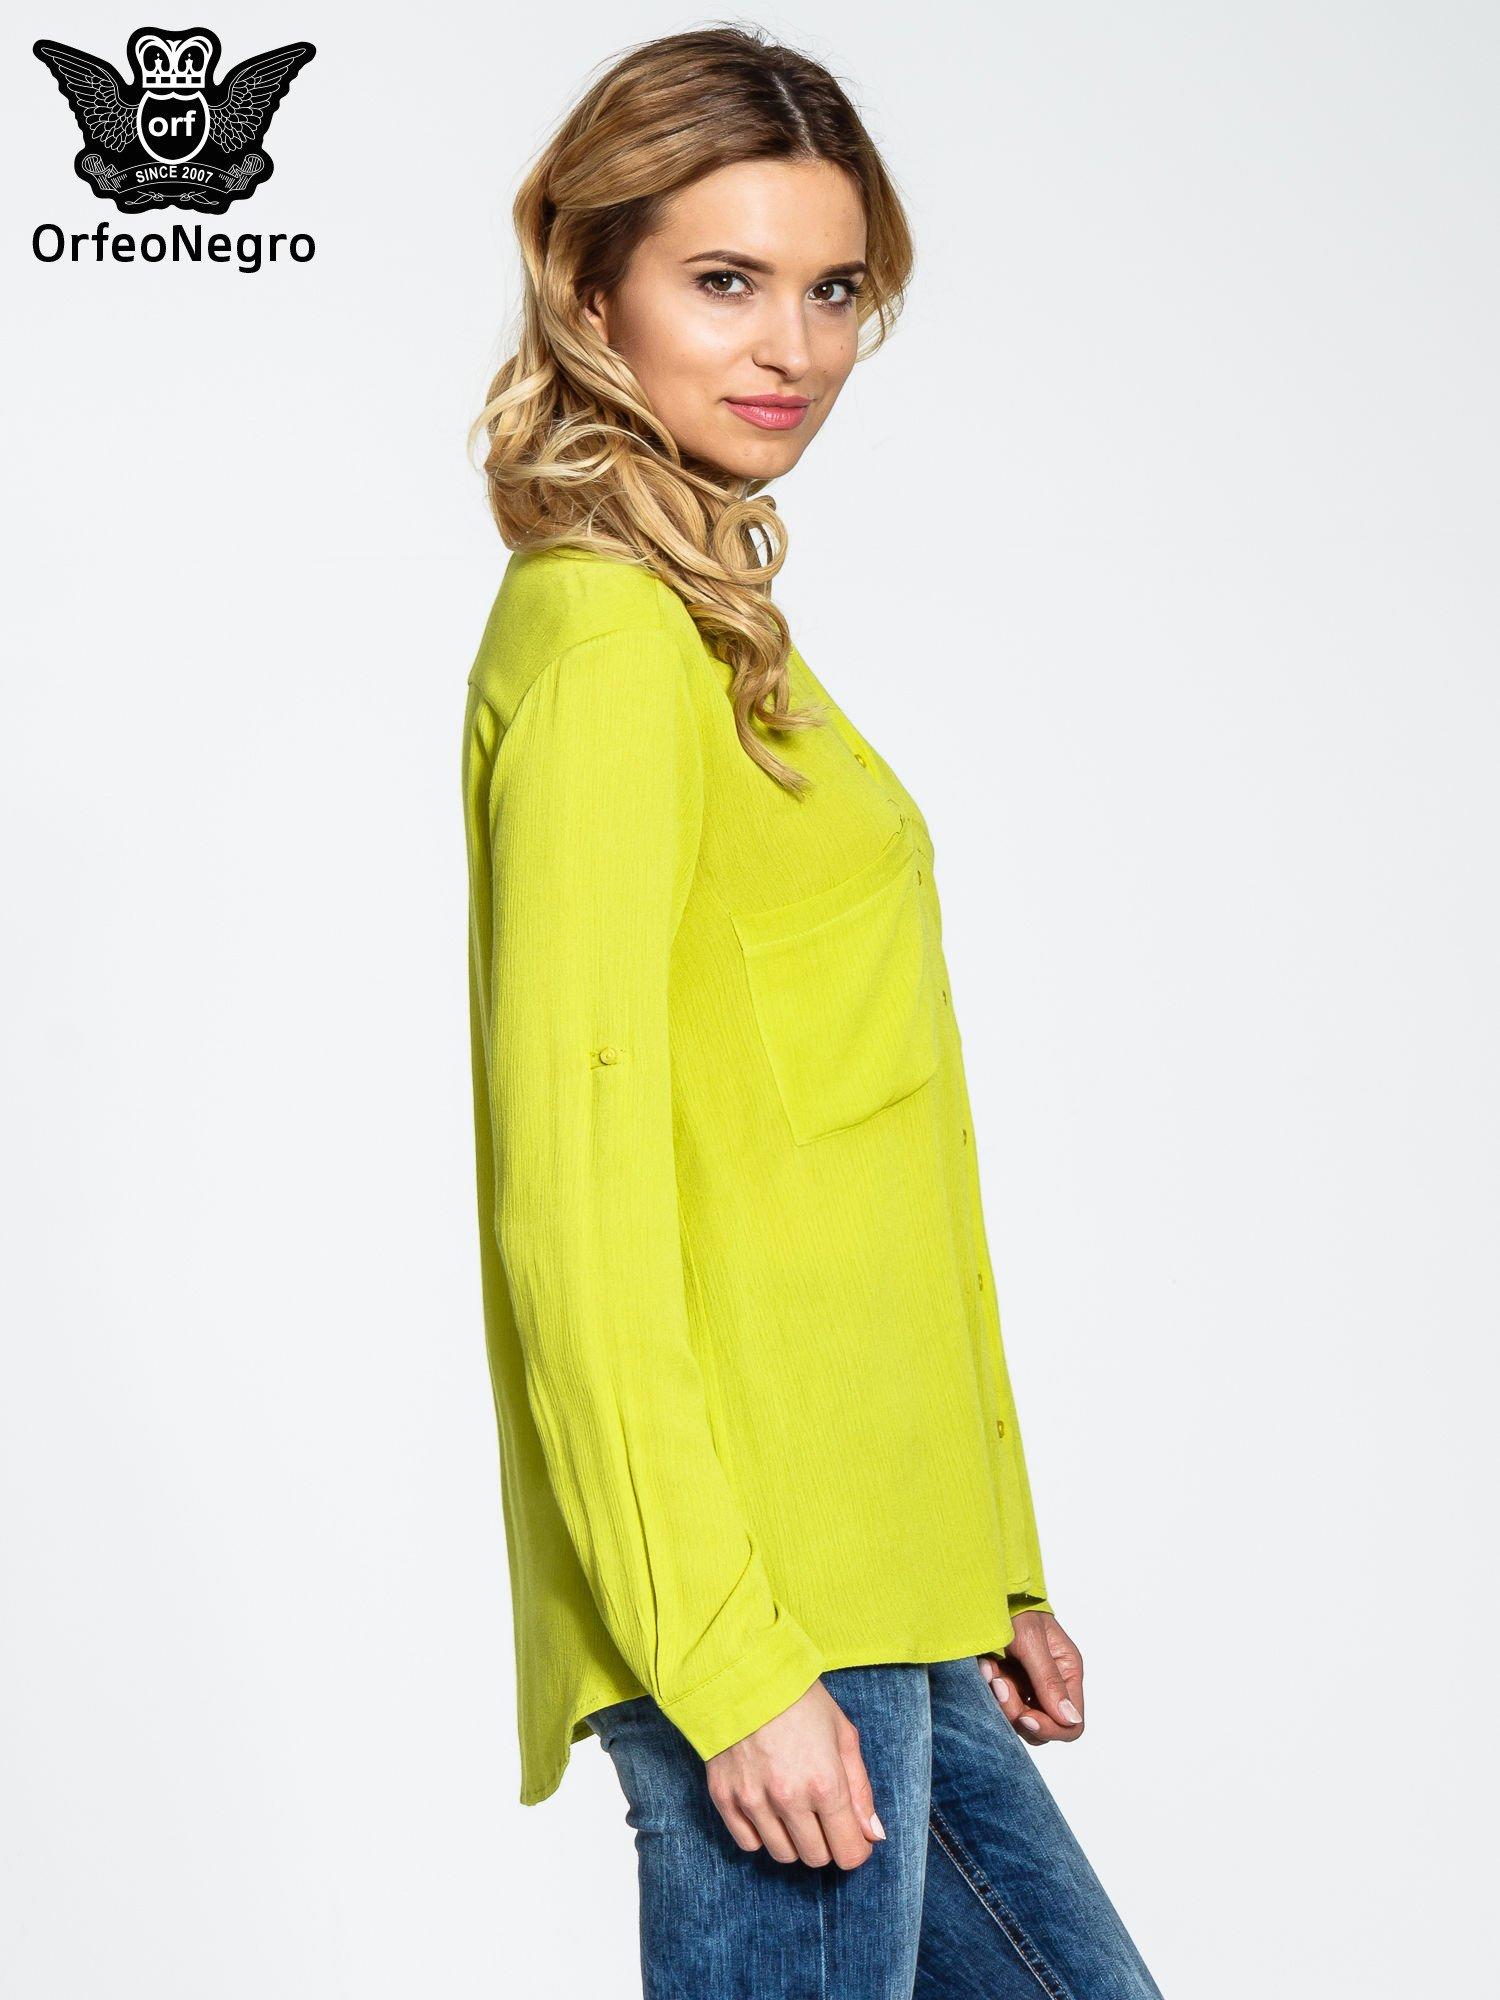 Żółta koszula z biżuteryjnym kołnierzykiem i kieszonkami                                  zdj.                                  3